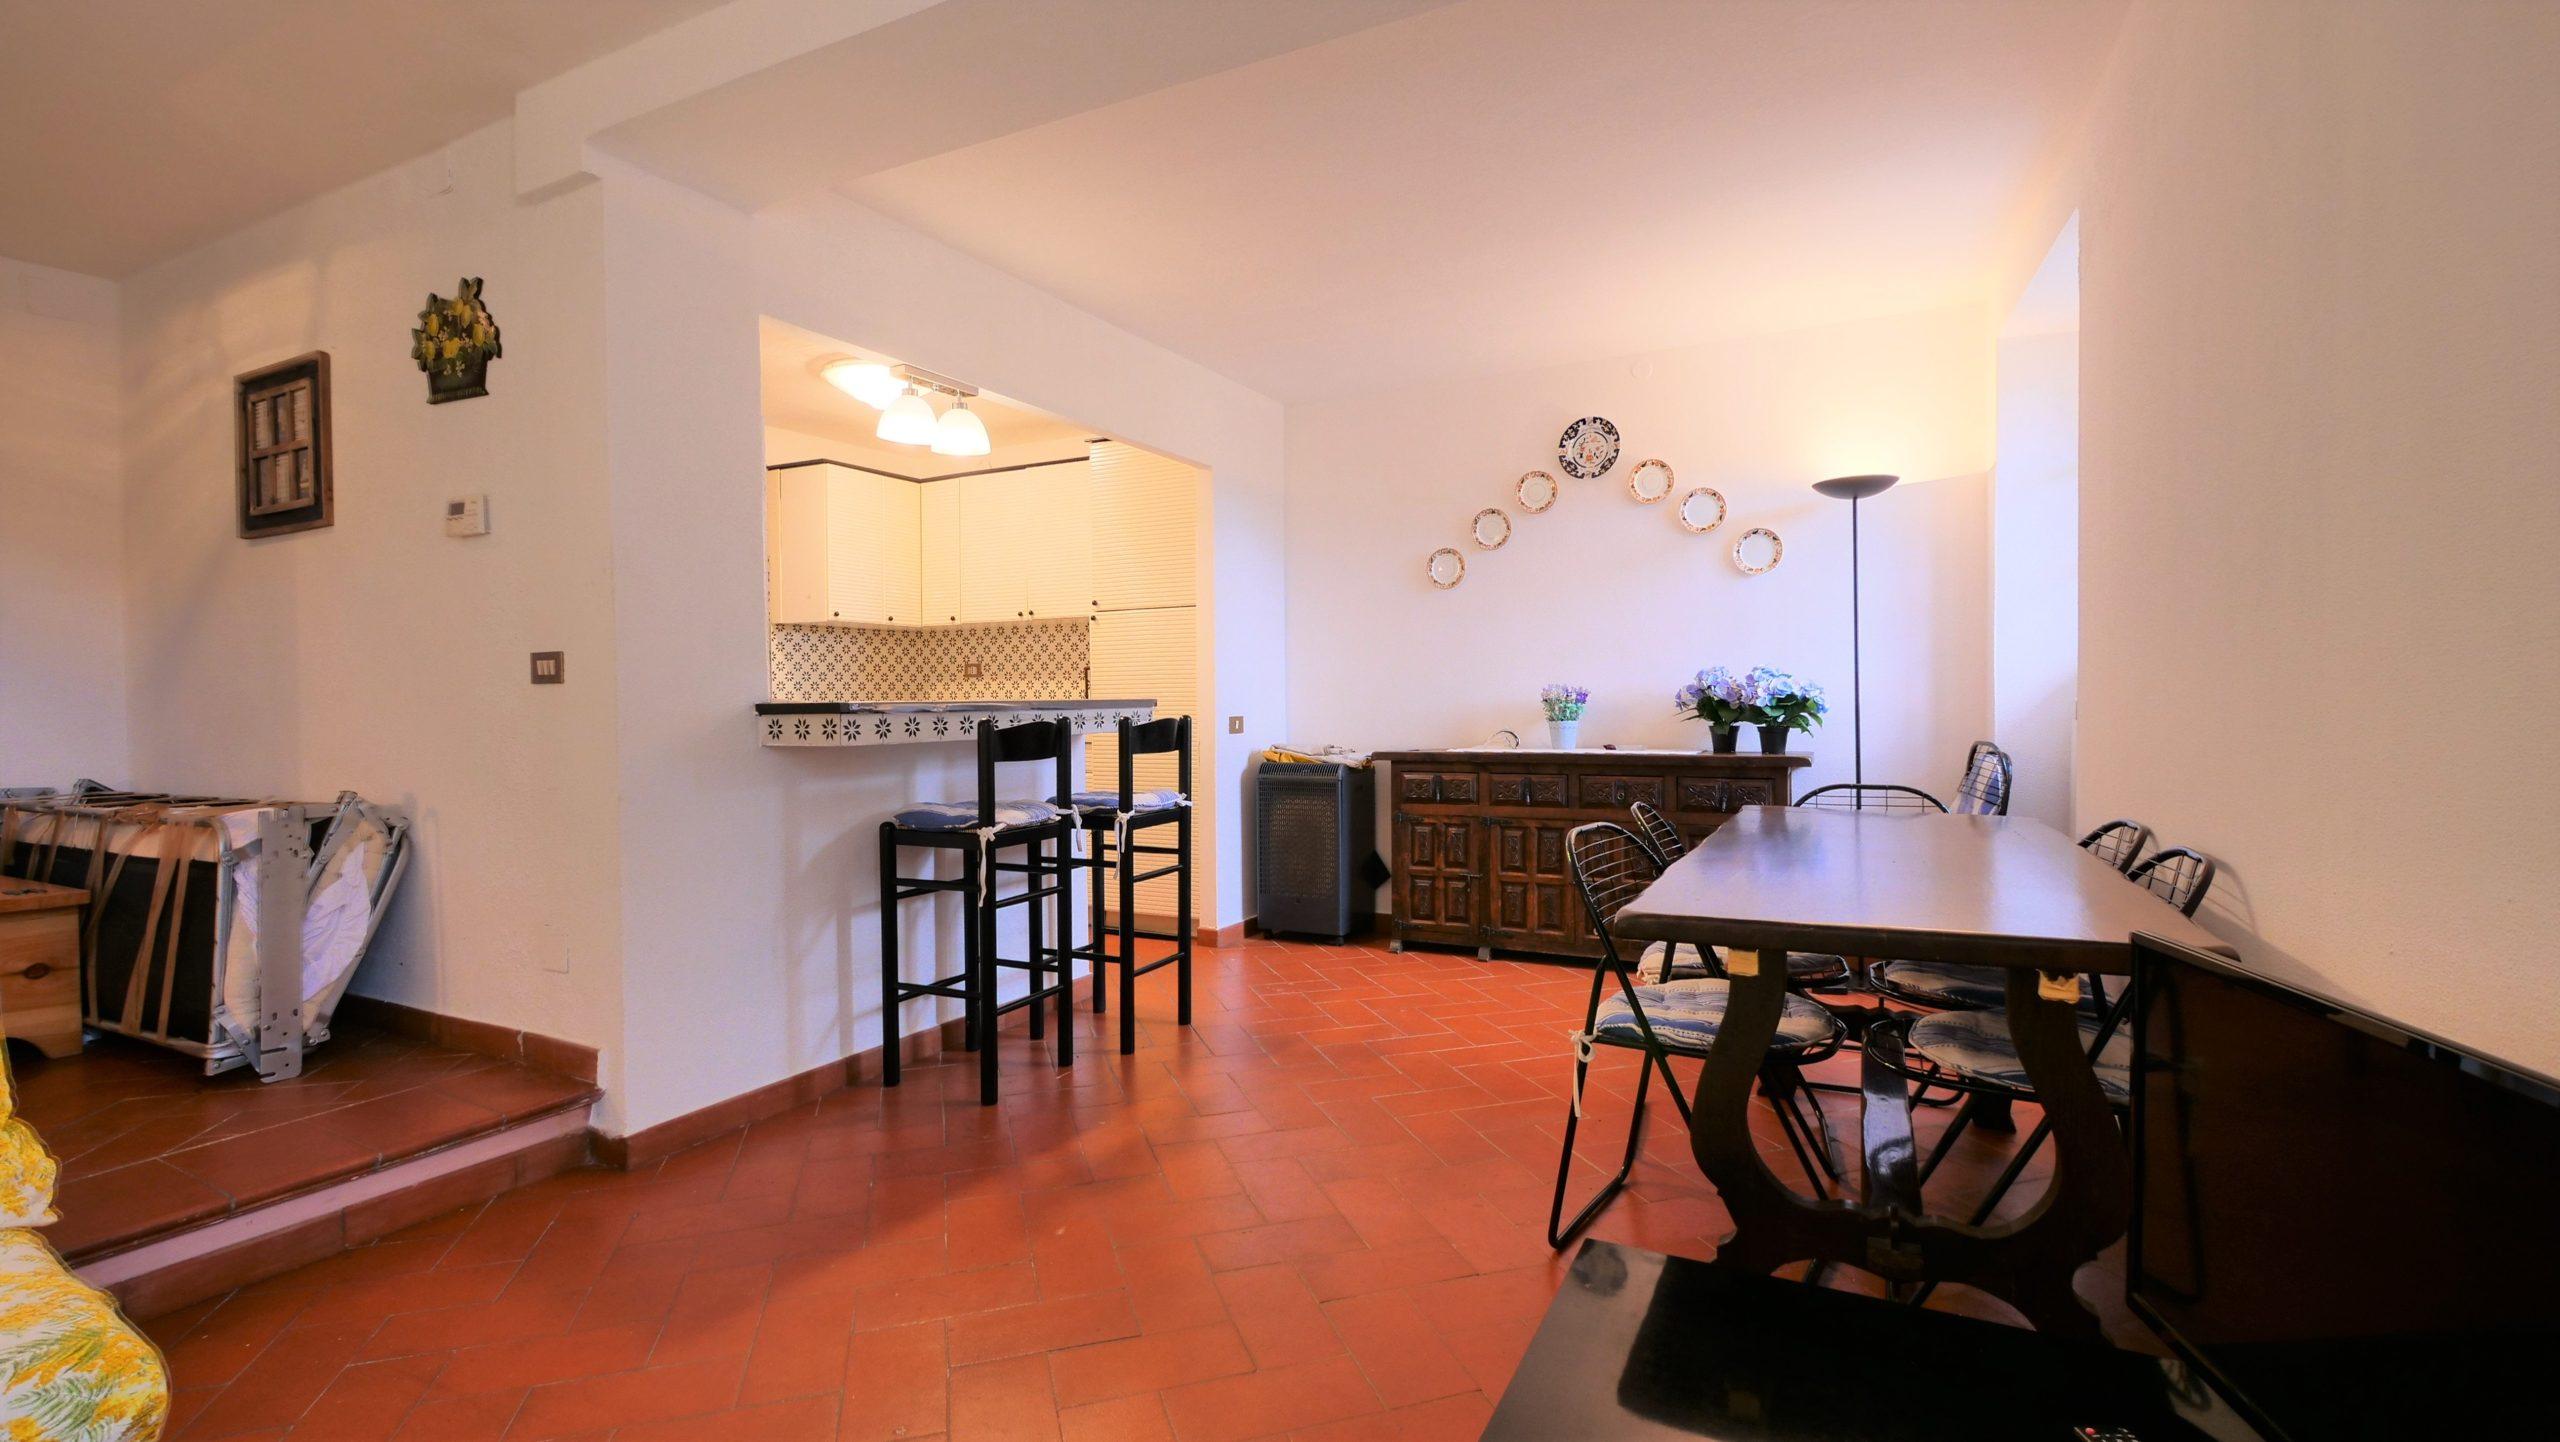 Appartamento in vendita a Levanto località Pastine